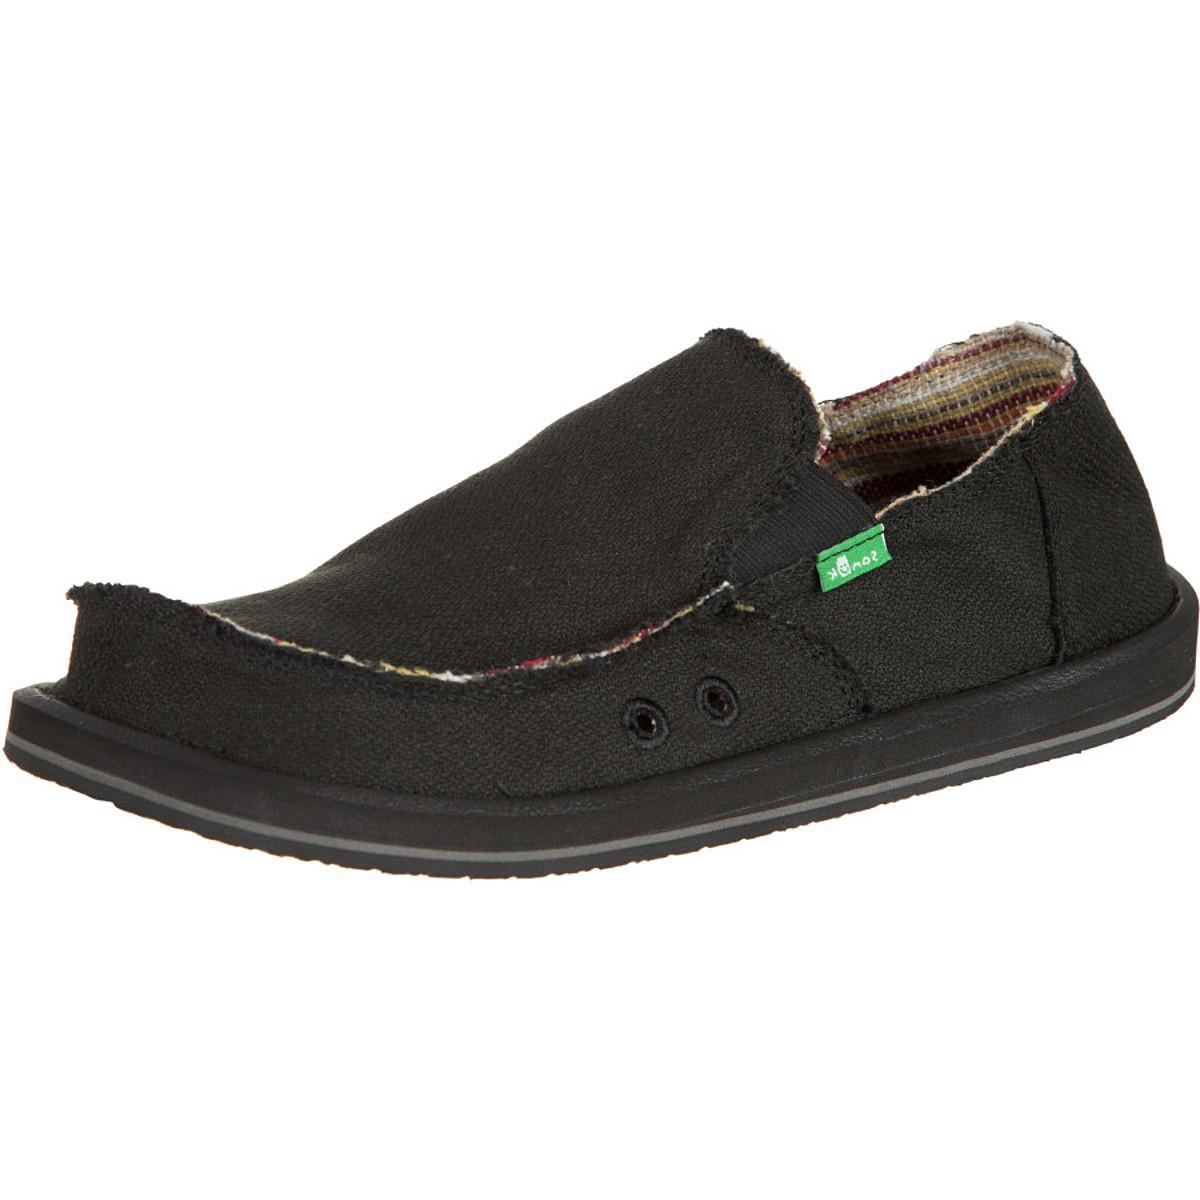 Sanuk Hemp Shoe - Men's Black, 9.0